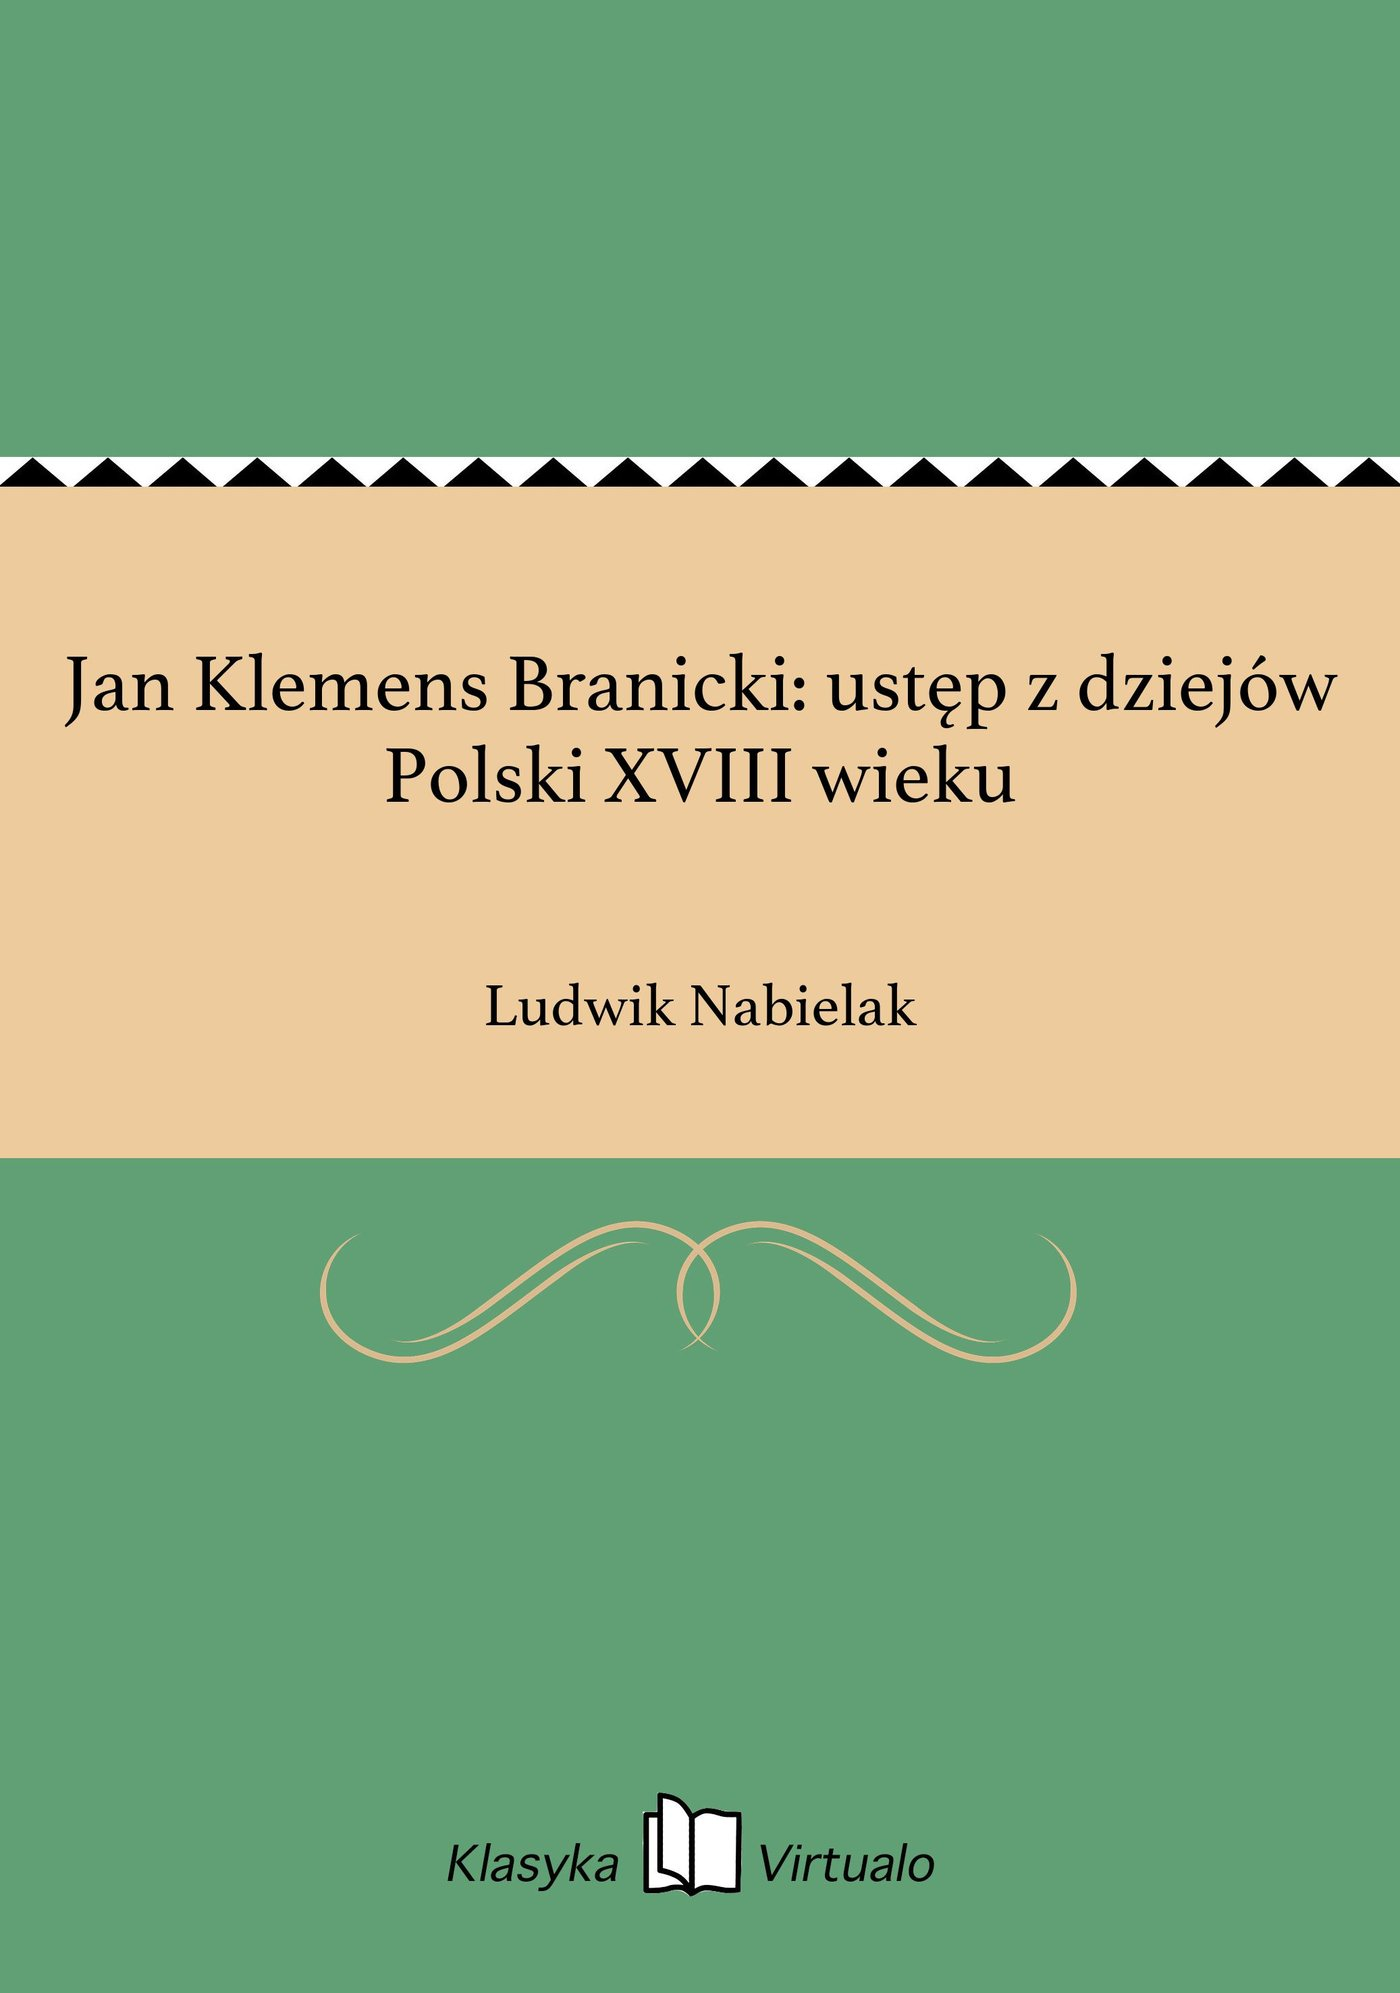 Jan Klemens Branicki: ustęp z dziejów Polski XVIII wieku - Ebook (Książka EPUB) do pobrania w formacie EPUB